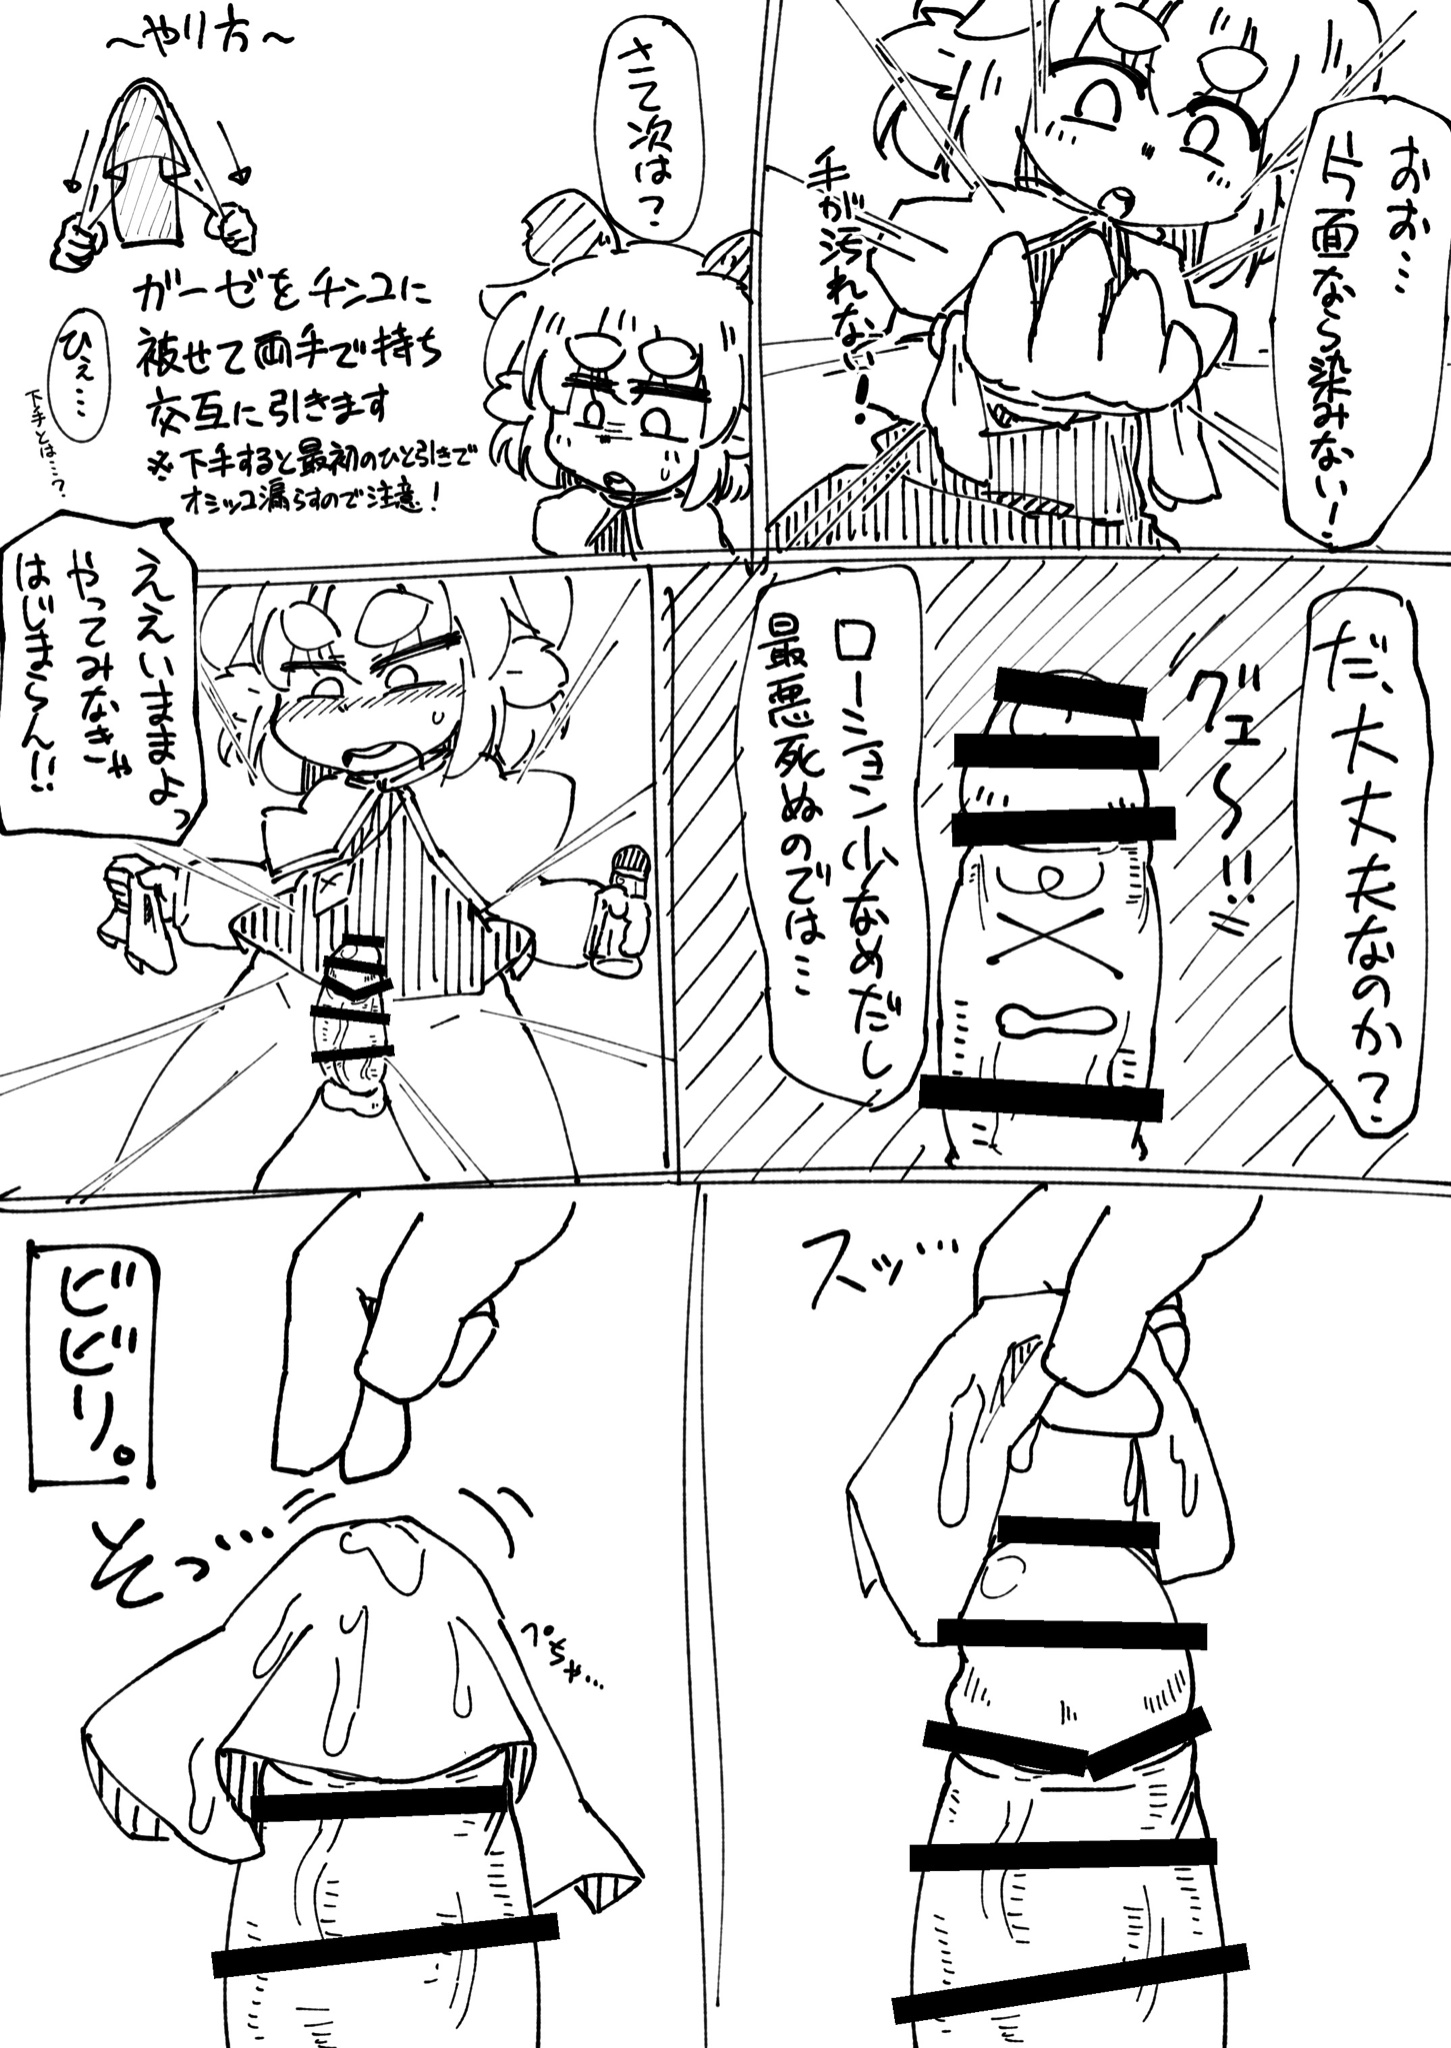 ローション ガーゼ pixiv 漫画